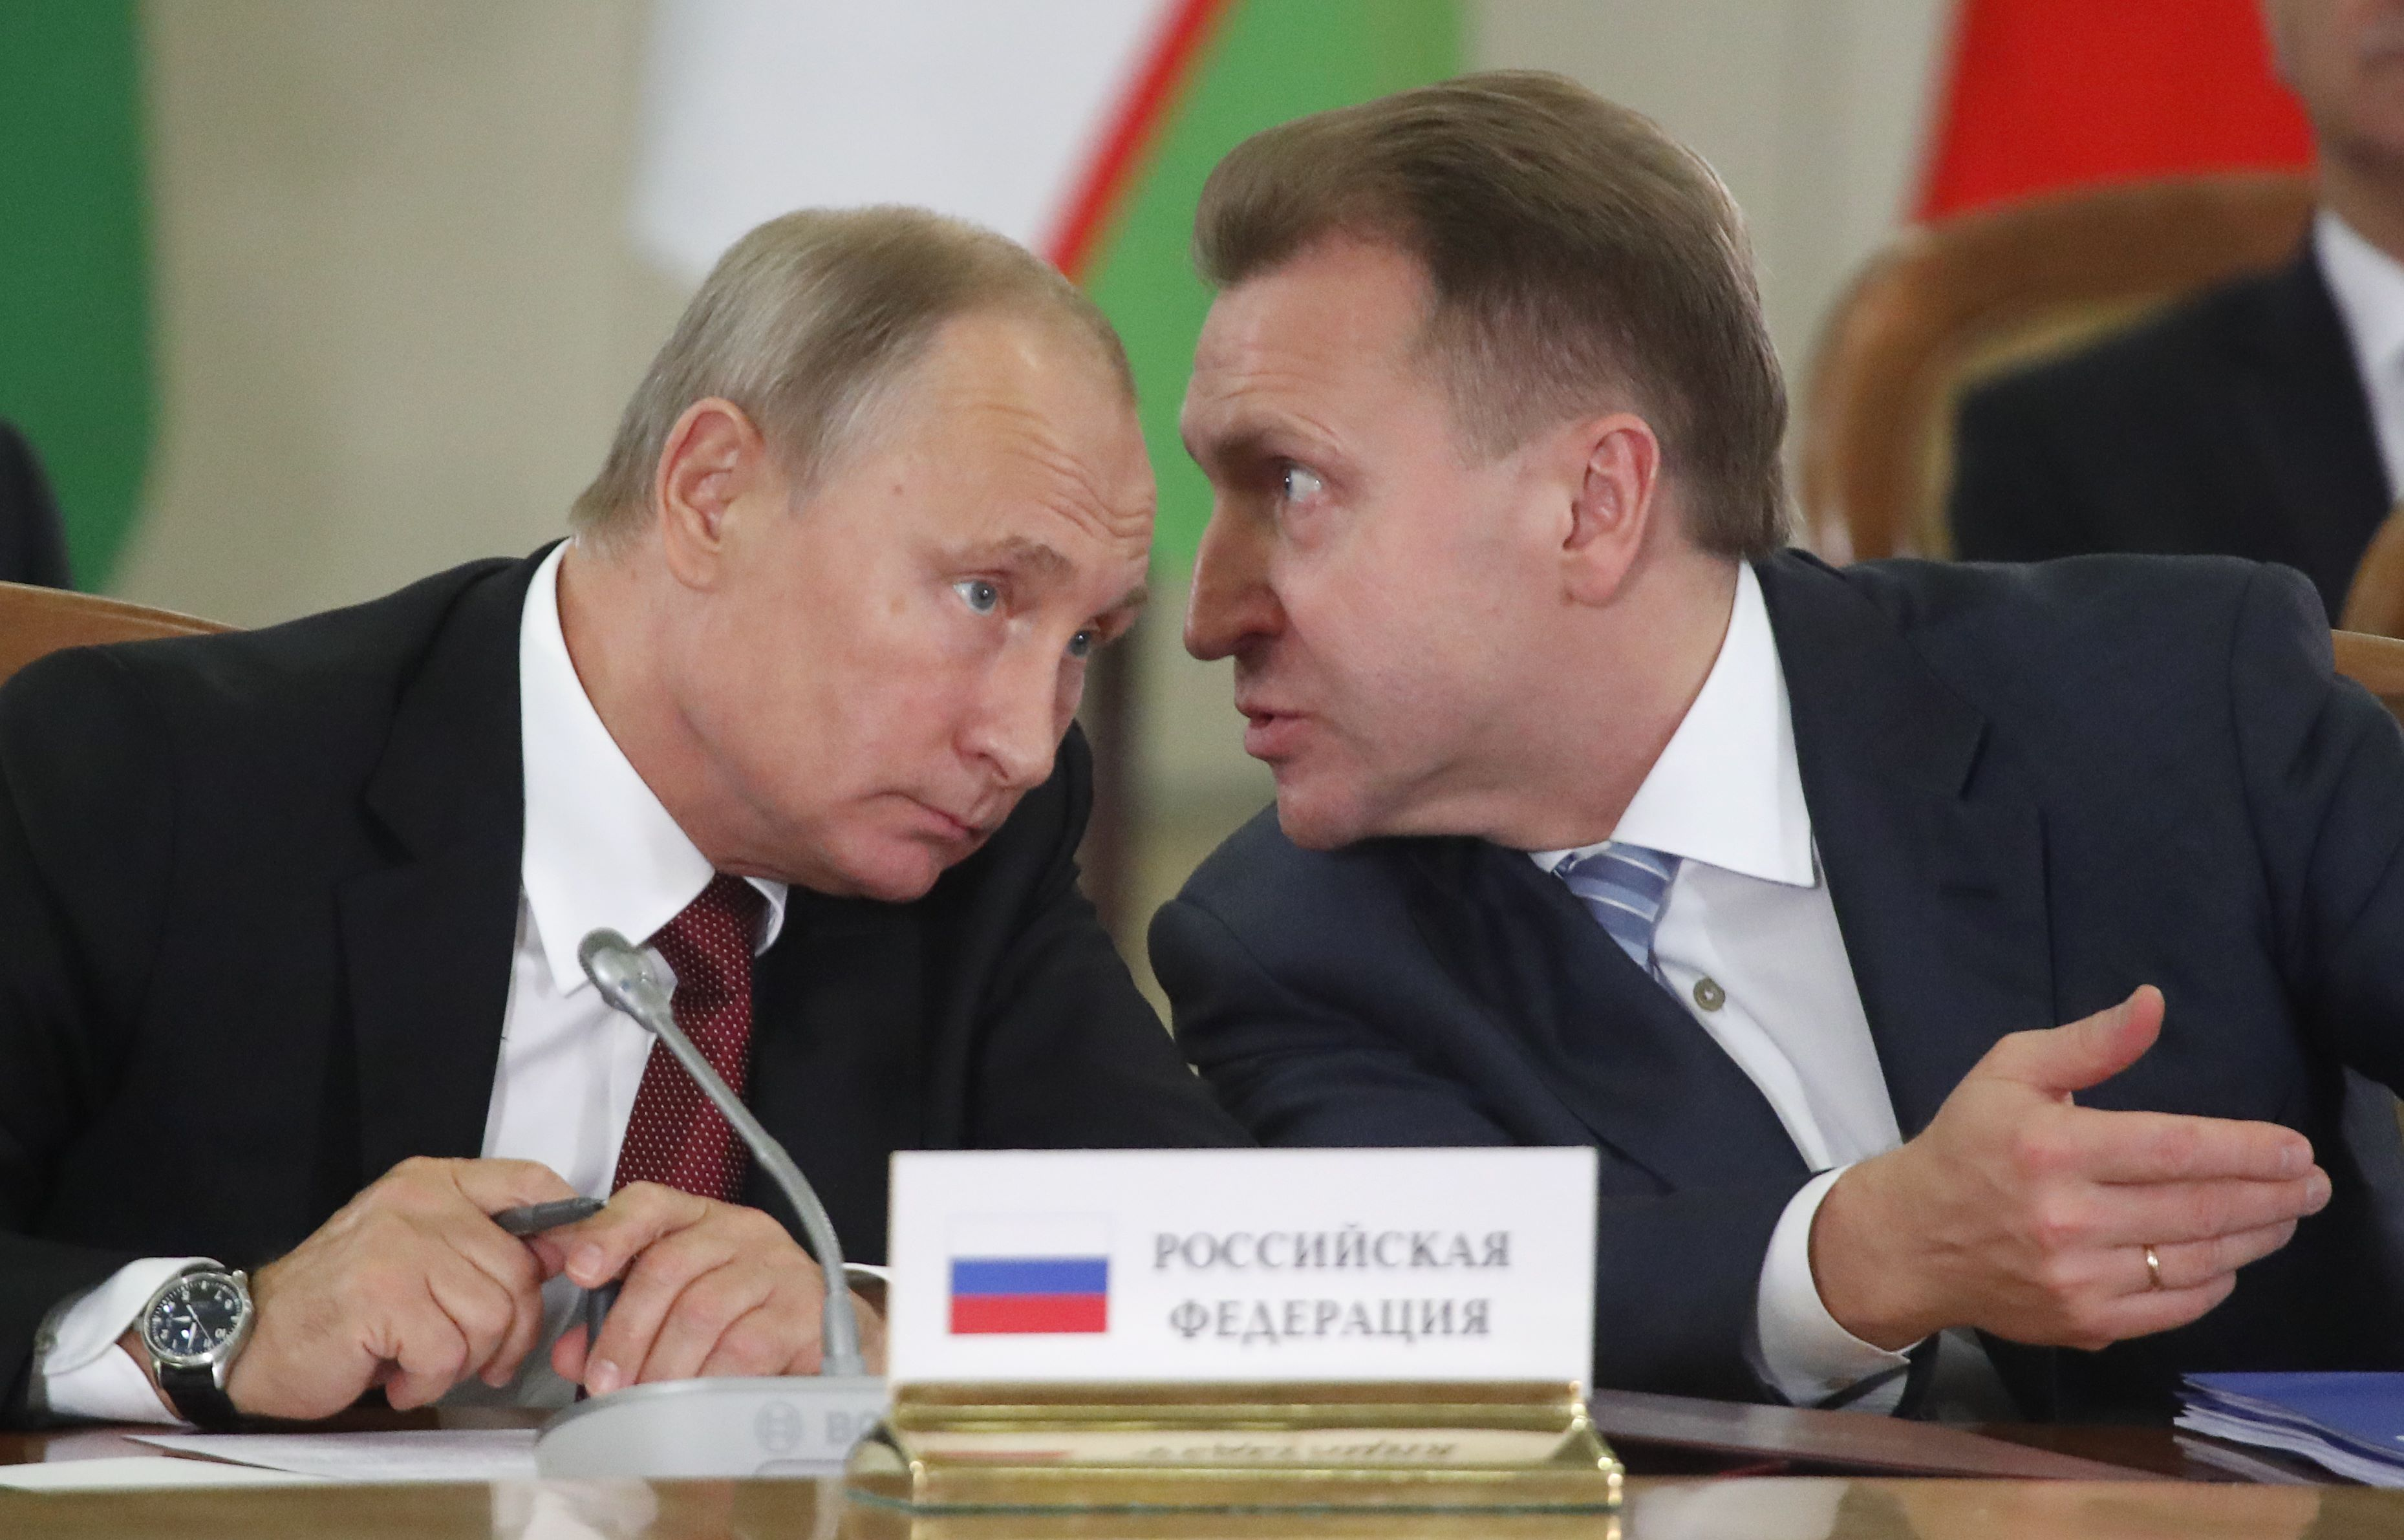 إيغور كوناشينكوف و فلاديمير بوتين